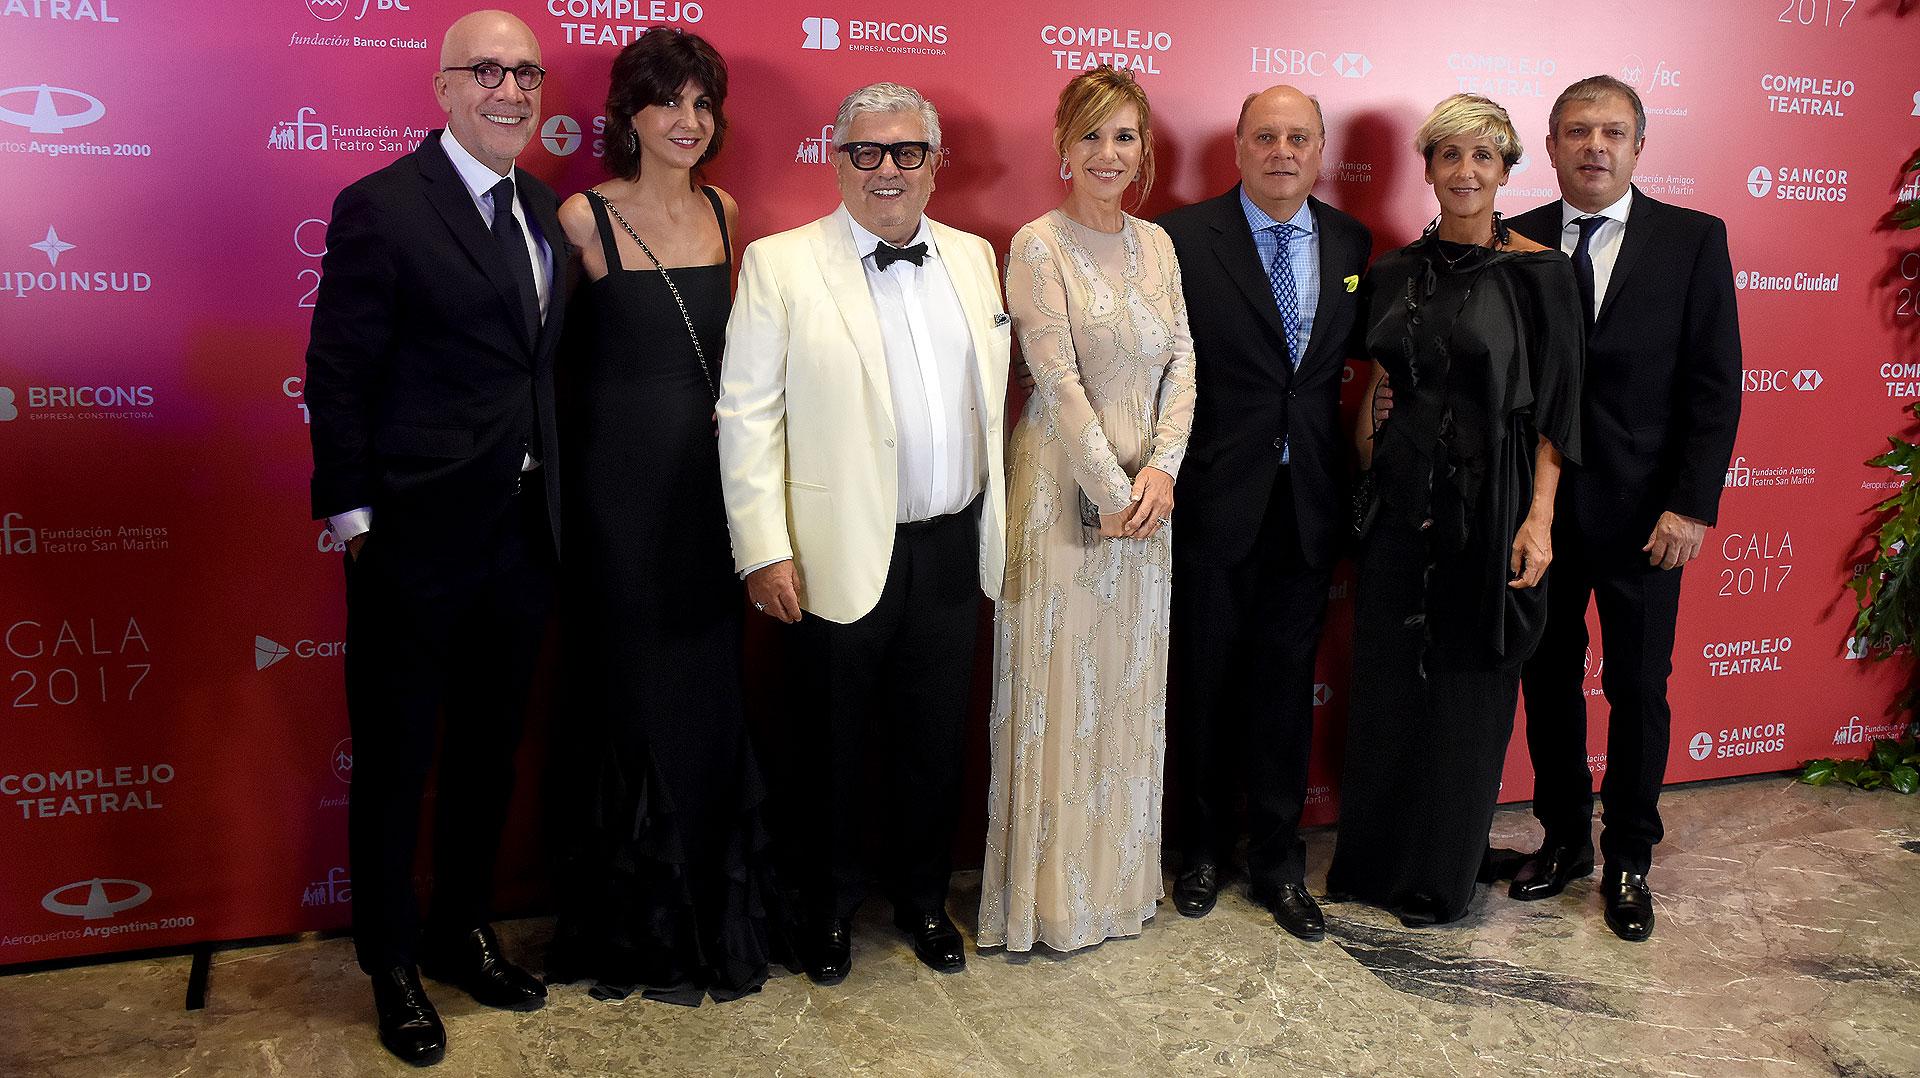 Carlos Entenza, Evangelina Bomparola, Carlos Gorosito, Grace Ratto, Martín Cabrales, Alejandra y Abel Espósito